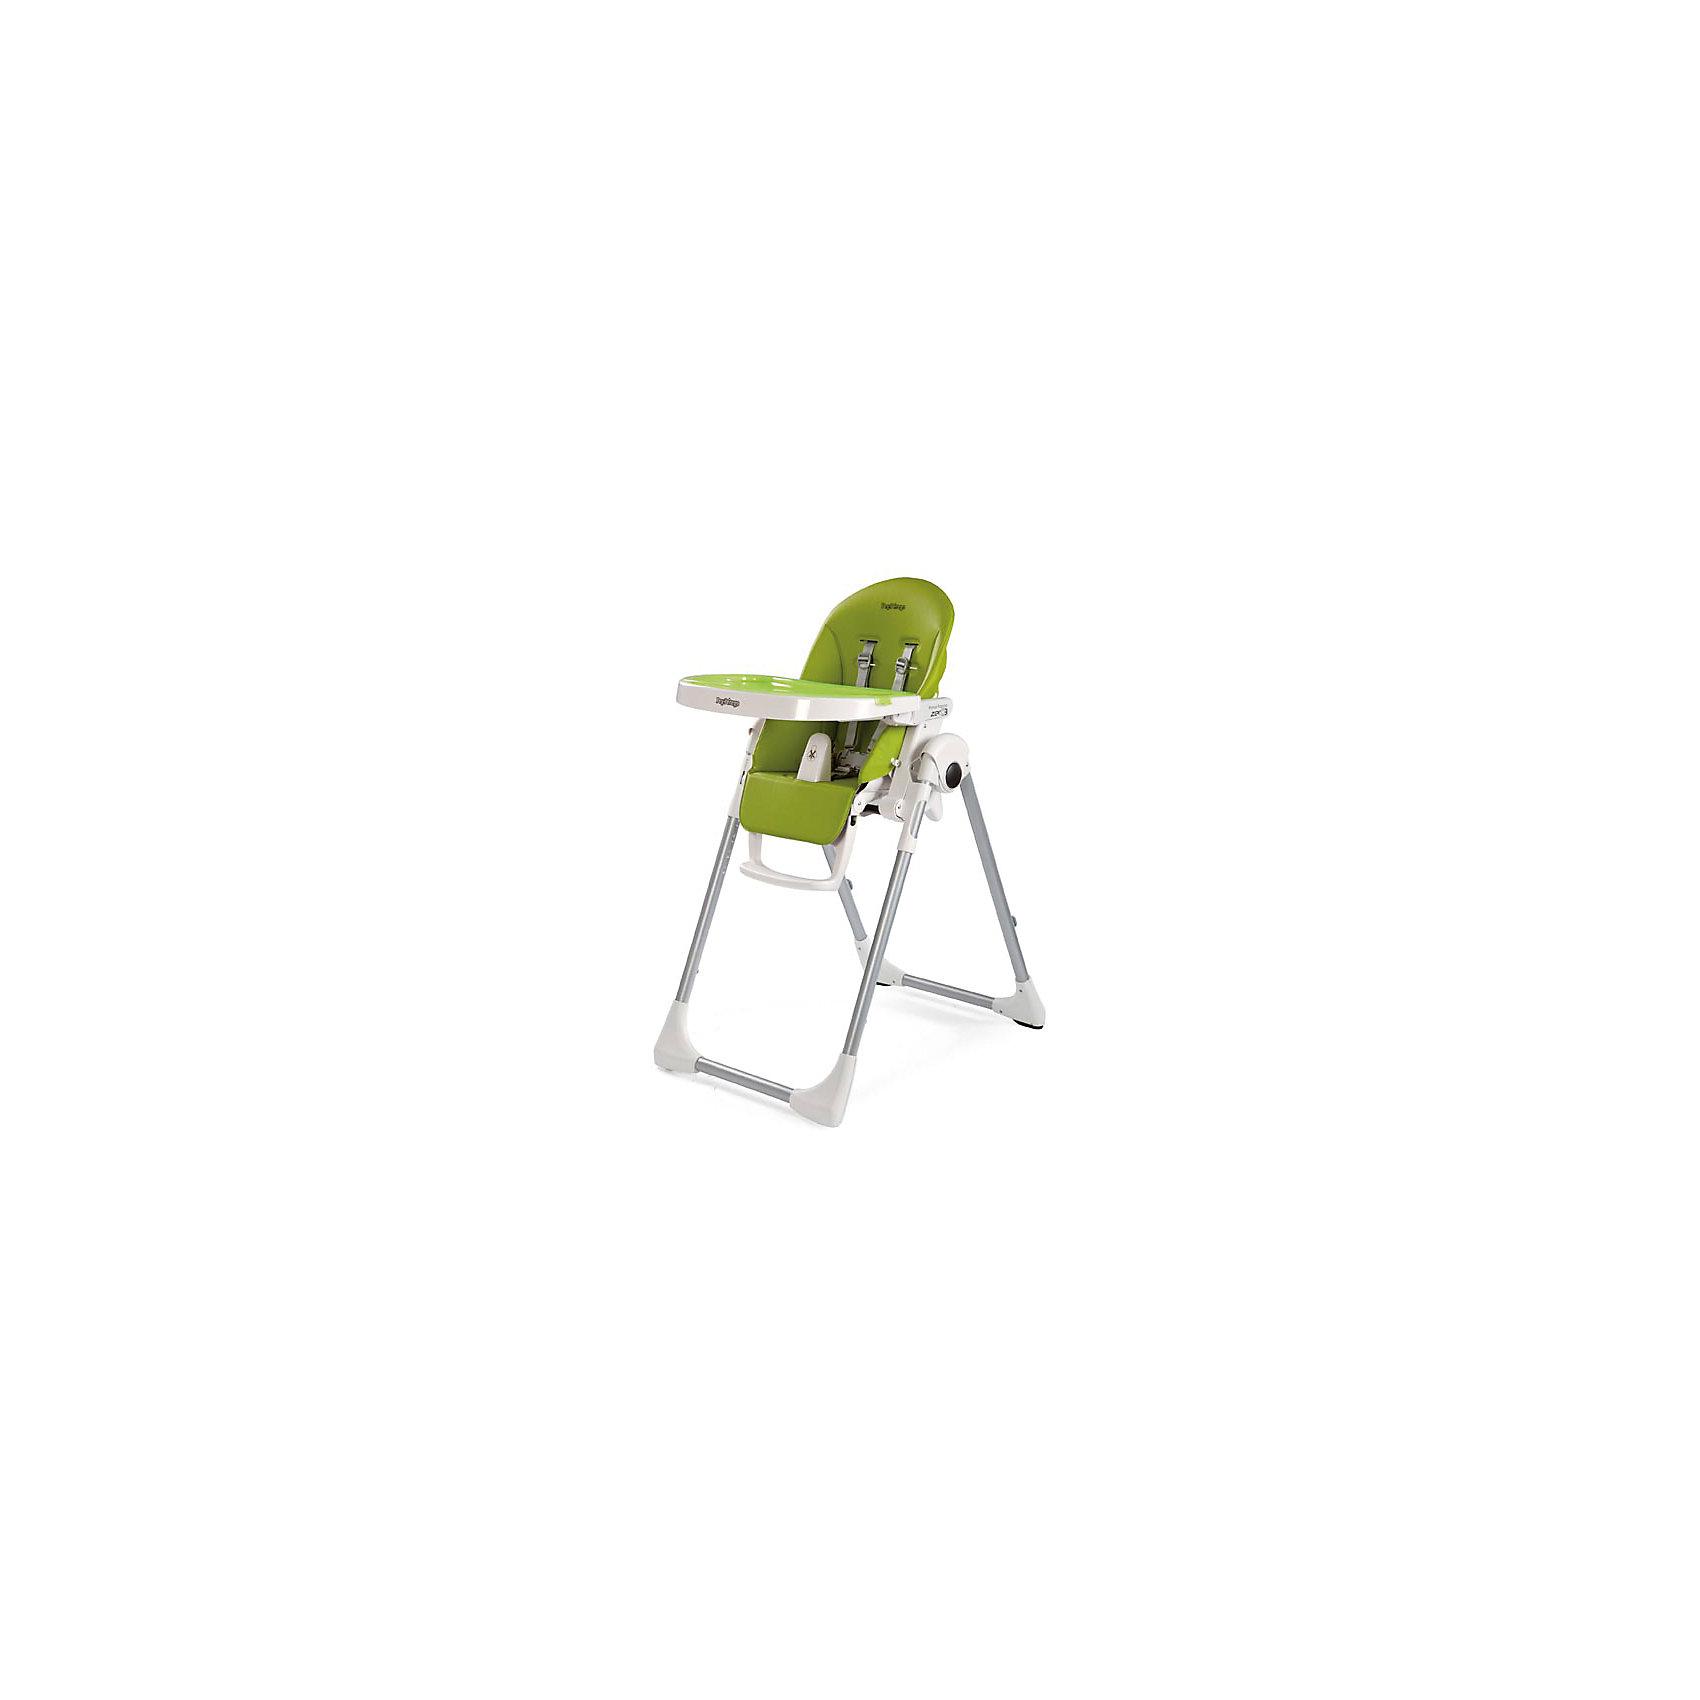 Стульчик для кормления  Prima Pappa Zero-3 Mela, Peg Perego, зеленыйот рождения<br>Стульчик для кормления  Prima Pappa Zero-3 Mela, Peg Perego, зеленый.<br><br>Очень легкий многофункциональный стульчик, растет вместе с Вашим малышом от 0 до 3-х лет. С рождения можно использовать как удобную расслабляющую колыбельку, а начиная с 6 месяцев как высокий стульчик для кормления и игр. Когда Ваш малыш подрастет, можно использовать стульчик без столика, для того чтобы ребенок мог сидеть за столом вместе с взрослыми. Сидение у стульчика достаточно широкое и глубокое. Безопасность малыша обеспечивается наличием 5-точечных ремней с центральным замком. Между ножек крохи в стульчике для кормления Prima Pappa Zero 3 Пег-Перего имеется специальный пластиковый разделитель, предотвращающий свободное выскальзывание ребенка. Спинка может регулироваться в 5 положениях. Высота кресла имеет 7 позиций. Регулируемая по высоте подножка - 3 положения. Столик в этом стульчике съемный: для удобства его можно прикрепить к задним ножкам. Сверху столика устанавливается поднос, который при необходимости можно помыть в посудомоечной машине. Сиденье стула легко моется, маме нужно будет просто протереть его влажной салфеткой и на нем не останется никаких следов обеда. Предусмотрены удобные кнопки раскрытия-складывания стульчика. Супер компактный и устойчивый стульчик в сложенном виде не будет занимать много места, он стоит без опоры.<br><br>Дополнительная информация:<br><br>- Цвет: зеленый<br>- Покрытие: ПВХ<br>- Размер в сложенном виде: 76 х 30 х 95,5 см.<br>- Размер в разложенном виде: 76 х 55 х 105 см.<br>- Вес: 7,6 кг.<br><br>Стульчик для кормления  Prima Pappa Zero-3 Mela, Peg Perego, зеленый можно купить в нашем интернет-магазине.<br><br>Ширина мм: 935<br>Глубина мм: 300<br>Высота мм: 565<br>Вес г: 10100<br>Возраст от месяцев: 0<br>Возраст до месяцев: 36<br>Пол: Унисекс<br>Возраст: Детский<br>SKU: 5111811